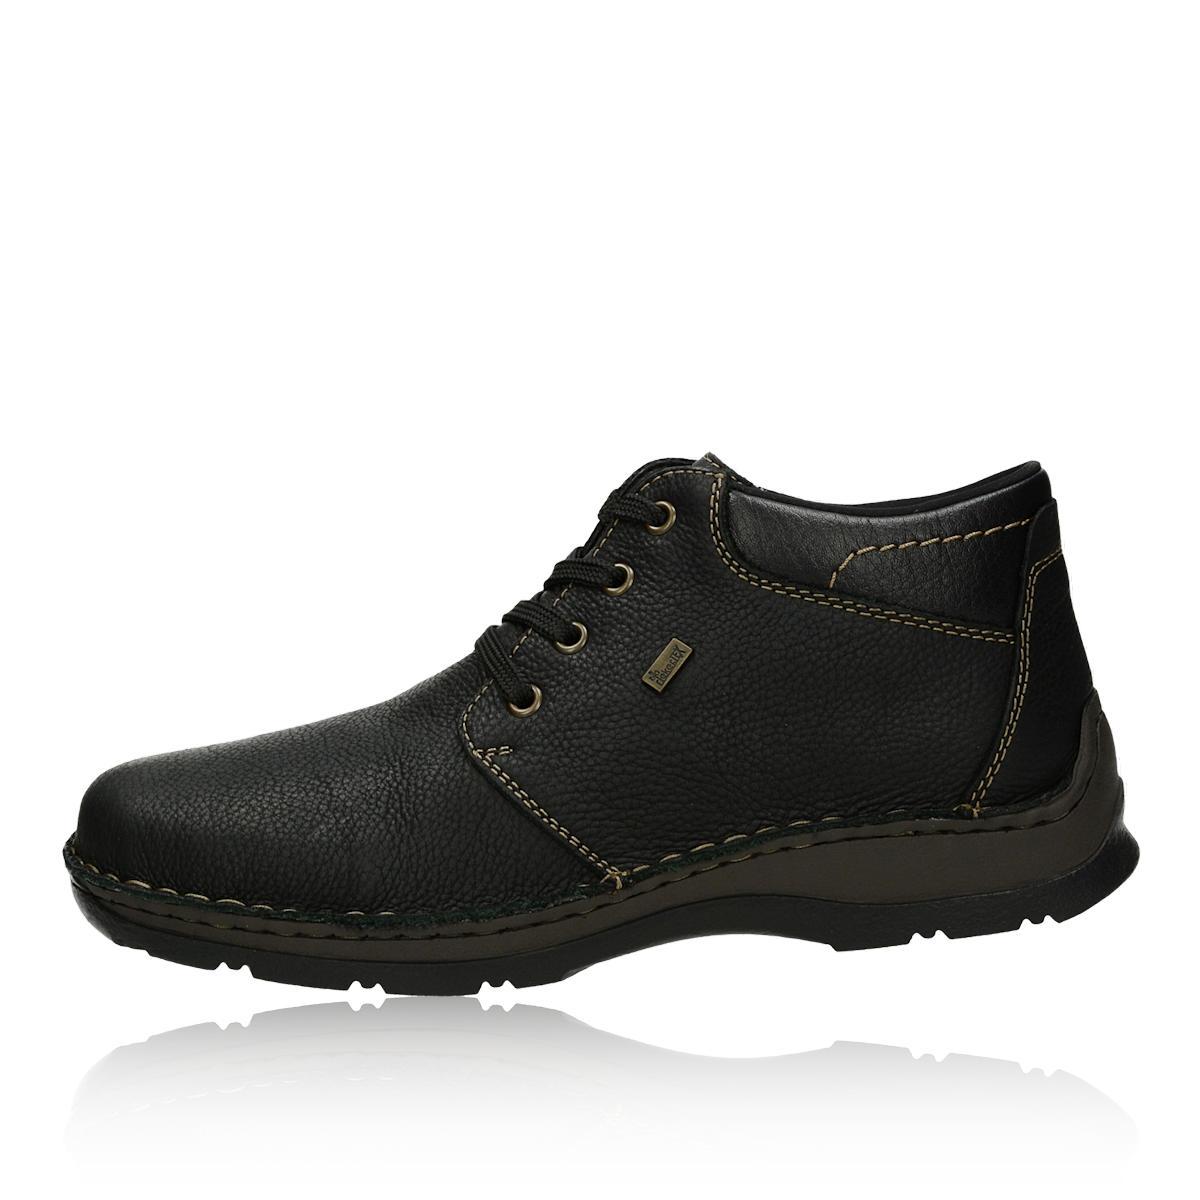 311d878126 Rieker pánske zimné topánky - čierne ...